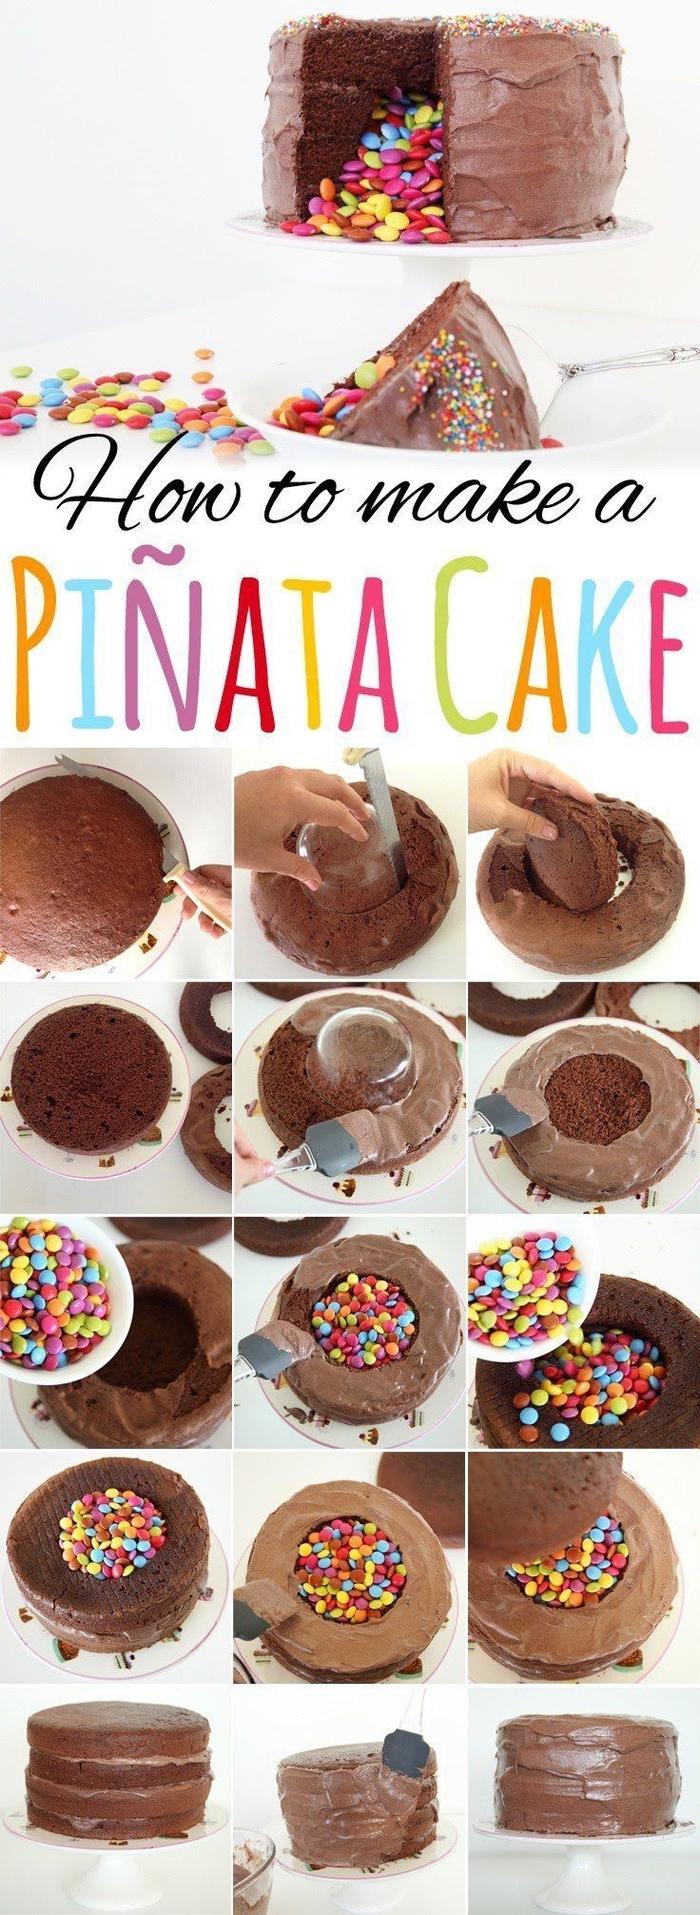 tuto étape par étapes pour réaliser un gateau anniversaire facile façon pinata cake au chocolat et aux smarties